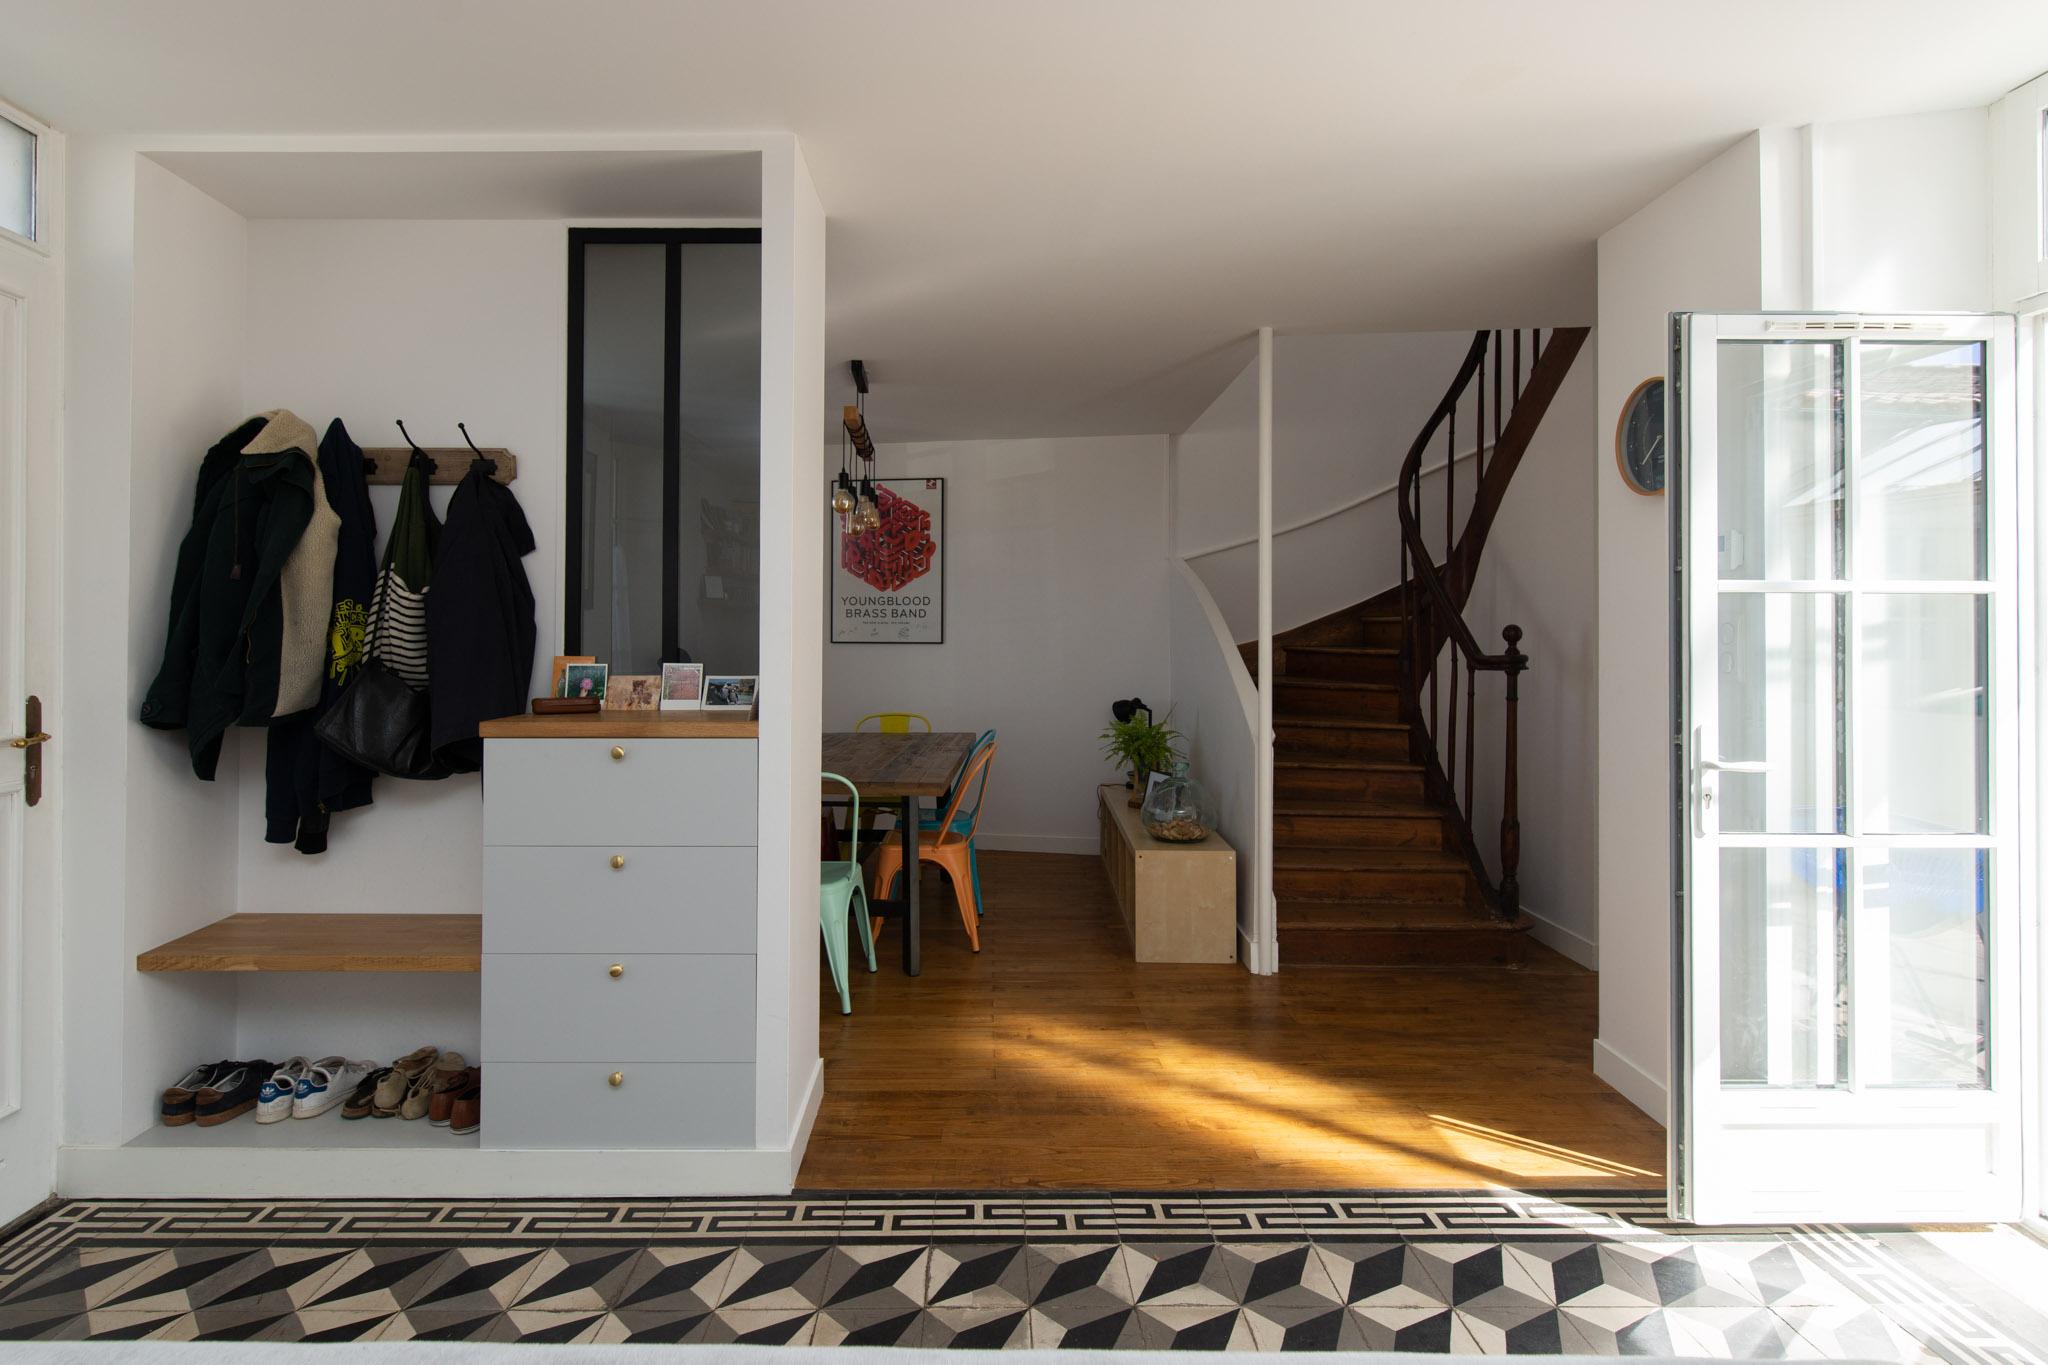 renovation-amenagement-decoration-ameublement-agencement ...